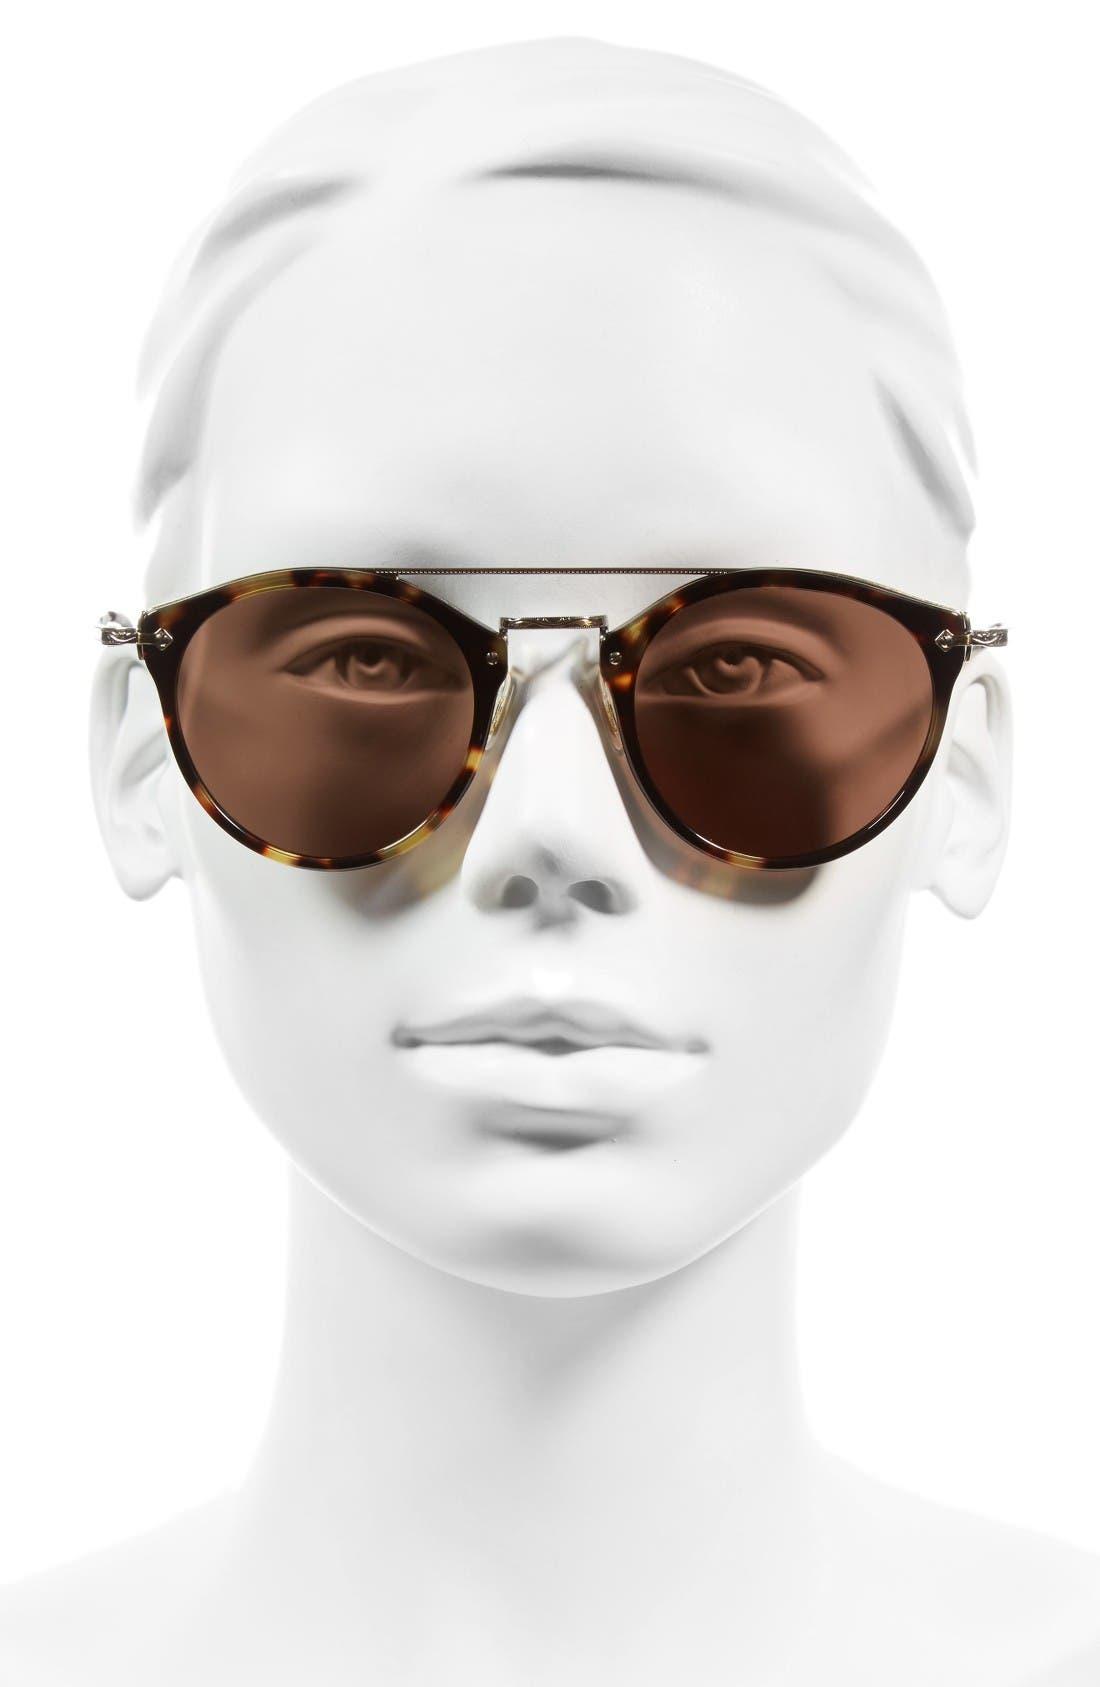 Remick 50mm Brow Bar Sunglasses,                             Alternate thumbnail 2, color,                             Dark Brown